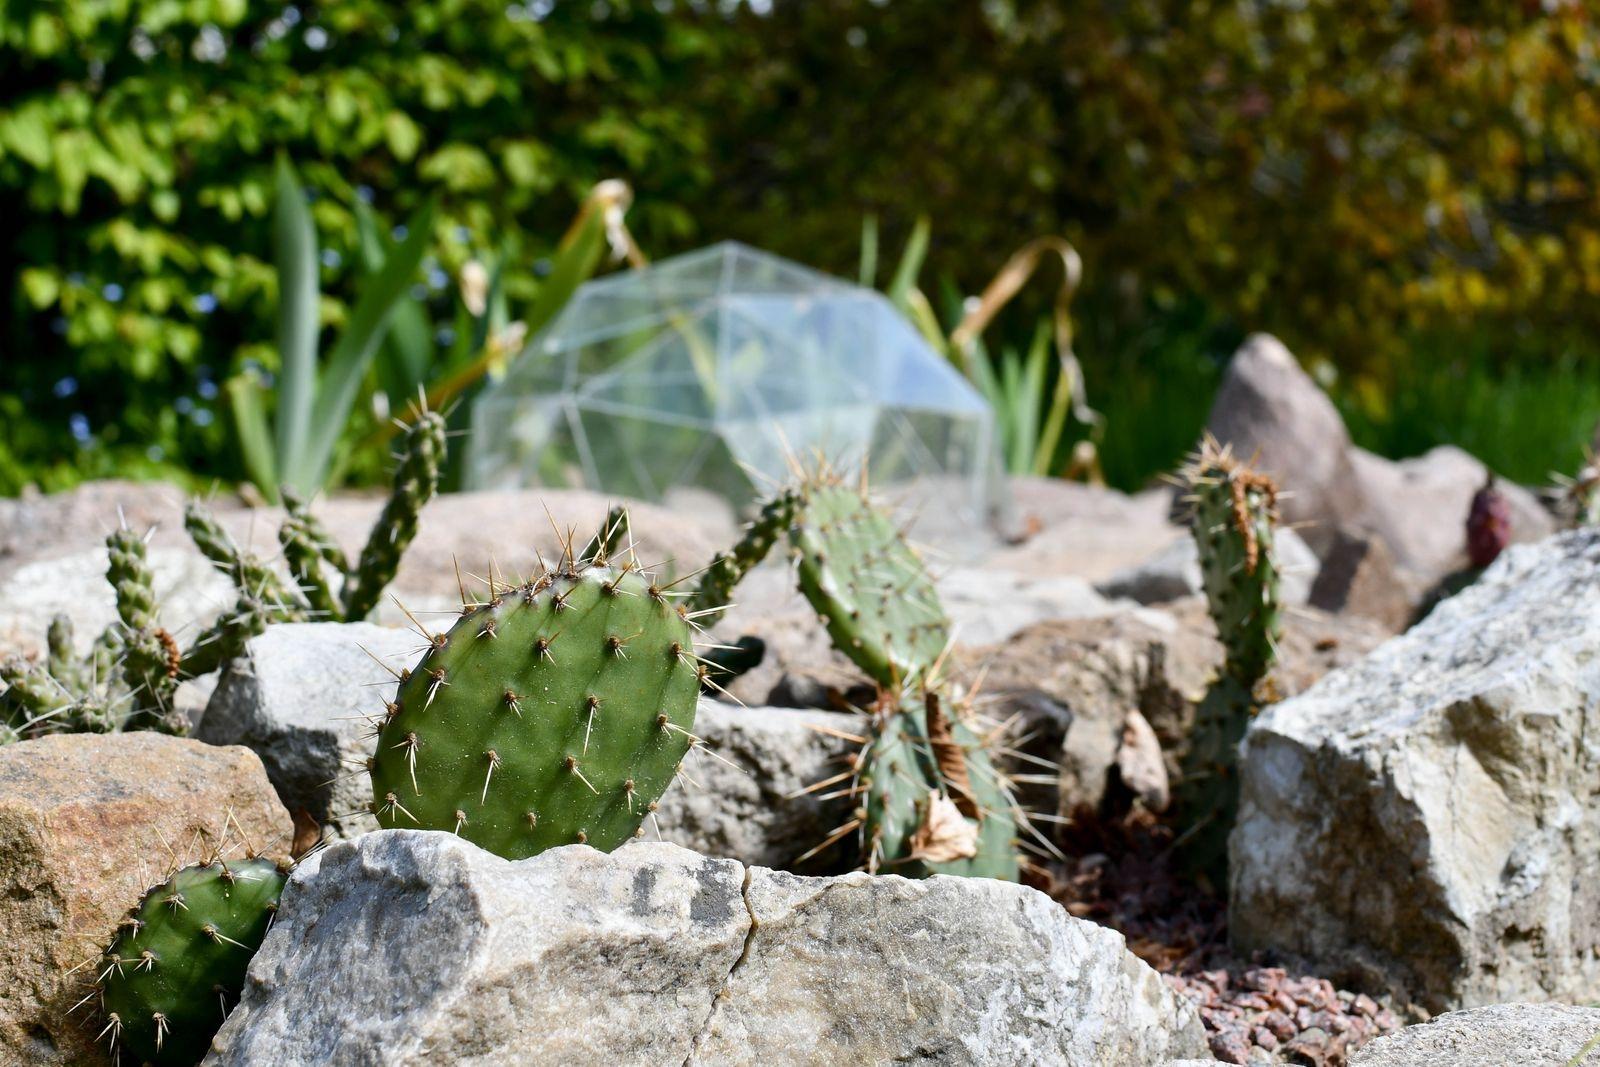 Ett överraskande inslag i trädgården är ökenlandskapet, med en domemodell i miniatyr som Werner konstruerat för att kunna mäta vinklarna inför bygget i fullstorlek.